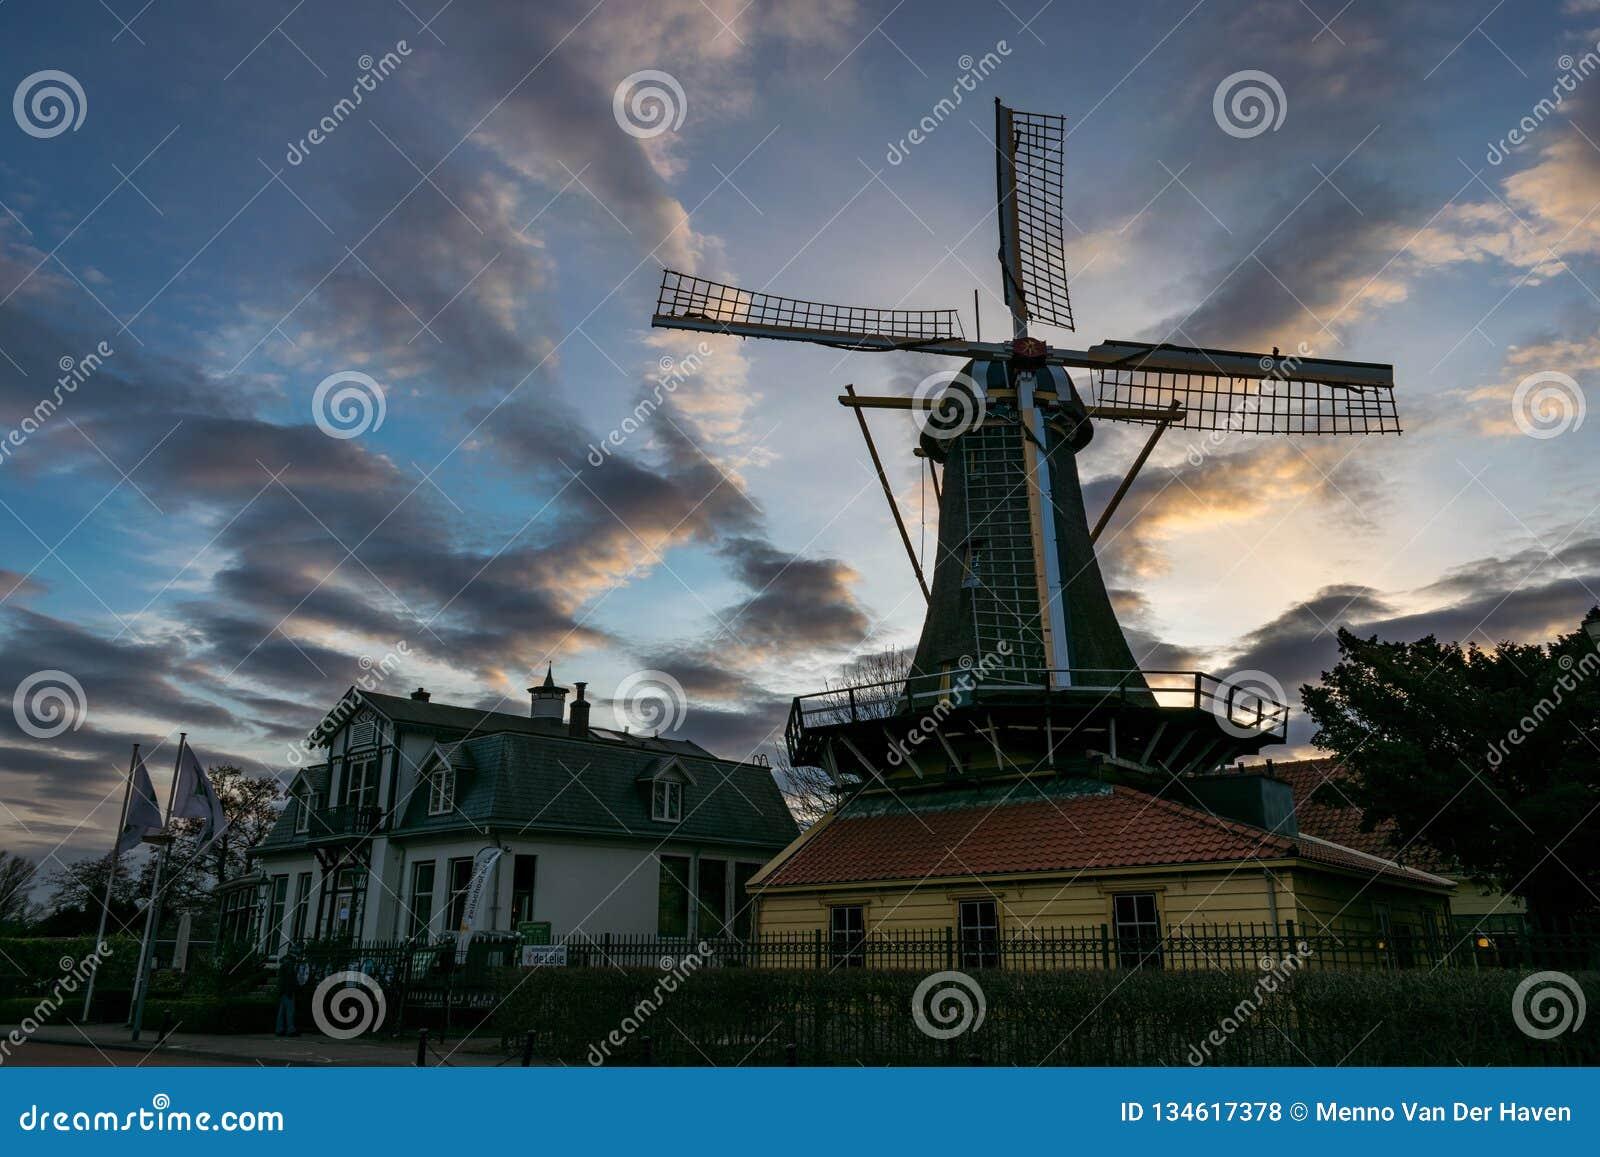 Holenderski wiatraczek blisko Jeziornych «Kralingse Plas w Rotterdam holandie